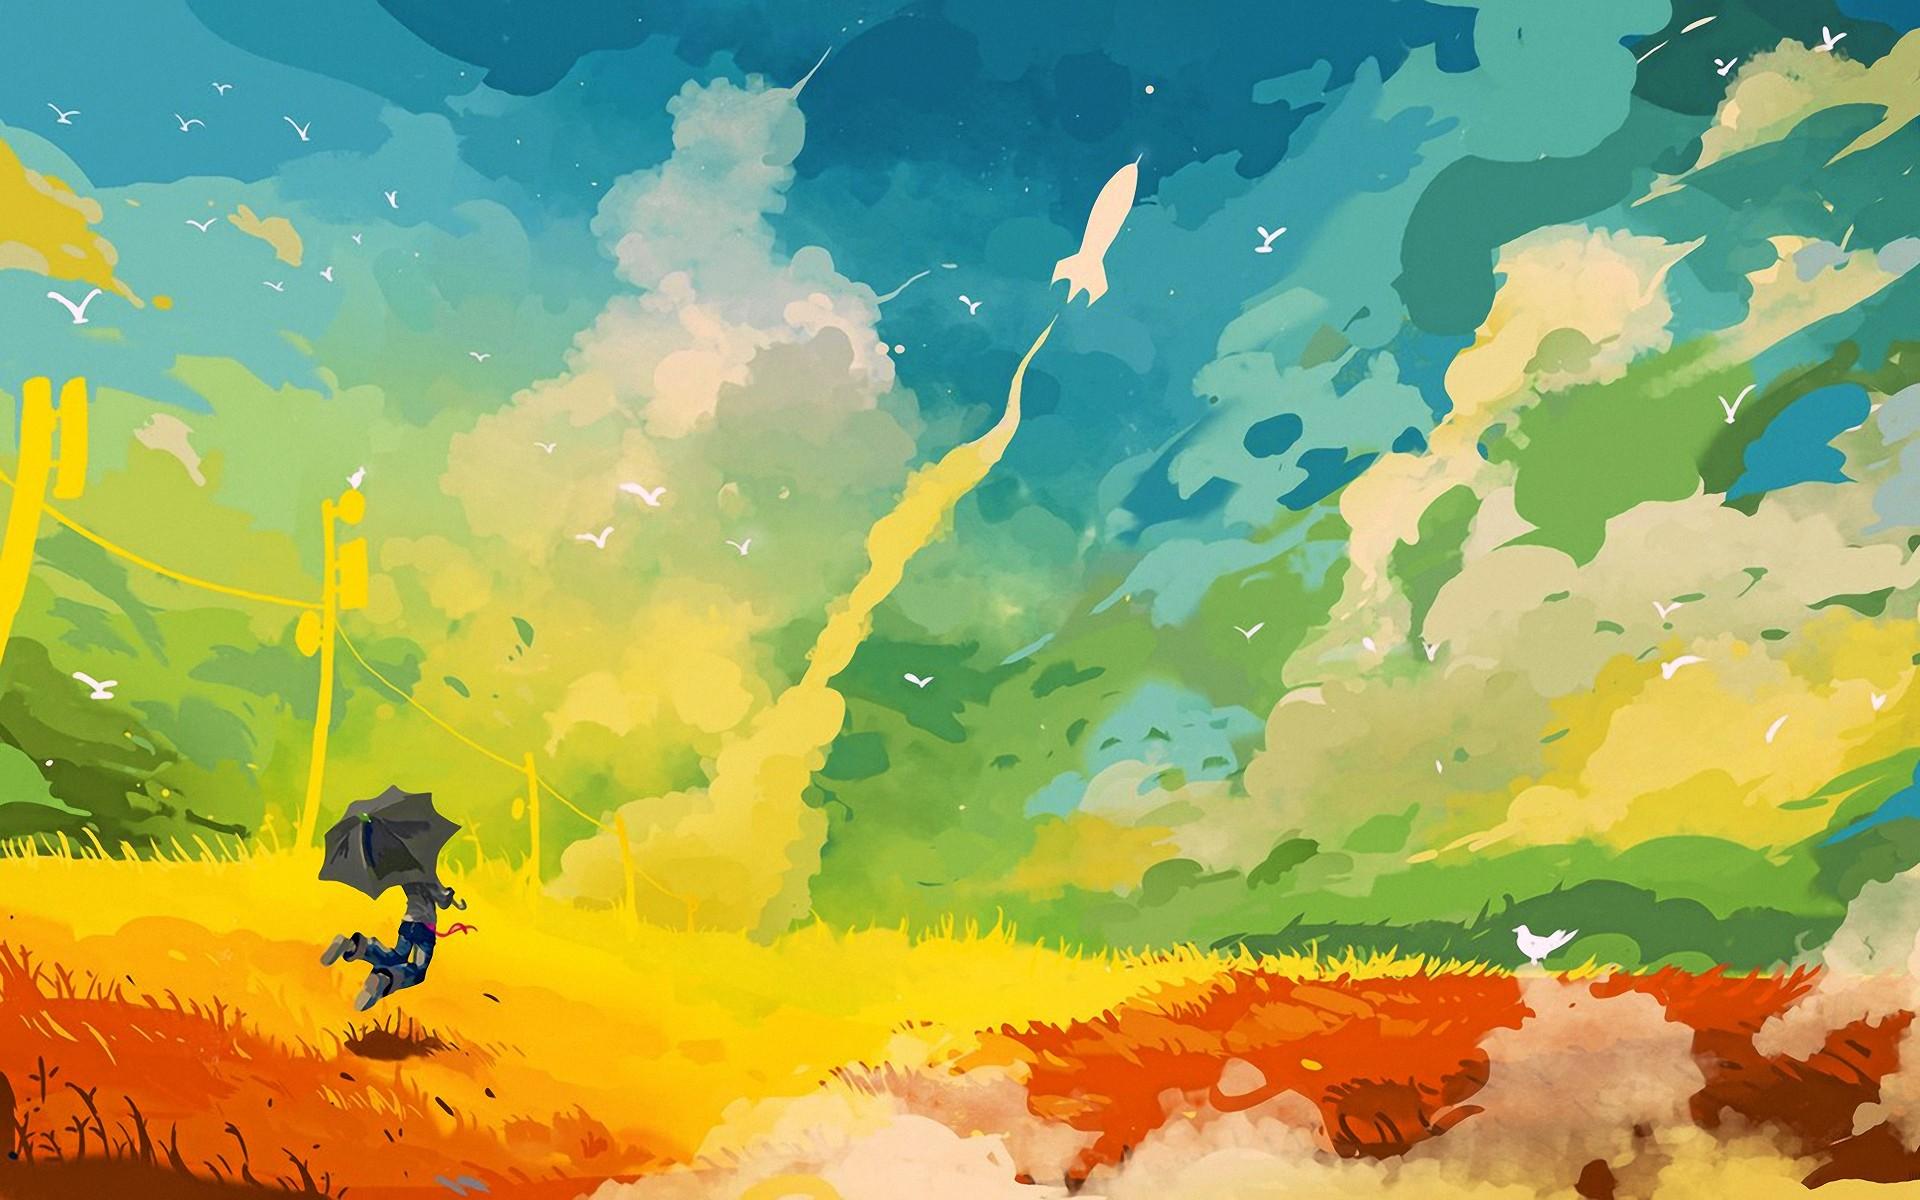 Resumen multicolor Digital Art fondos de pantalla Resumen multicolor 1920x1200